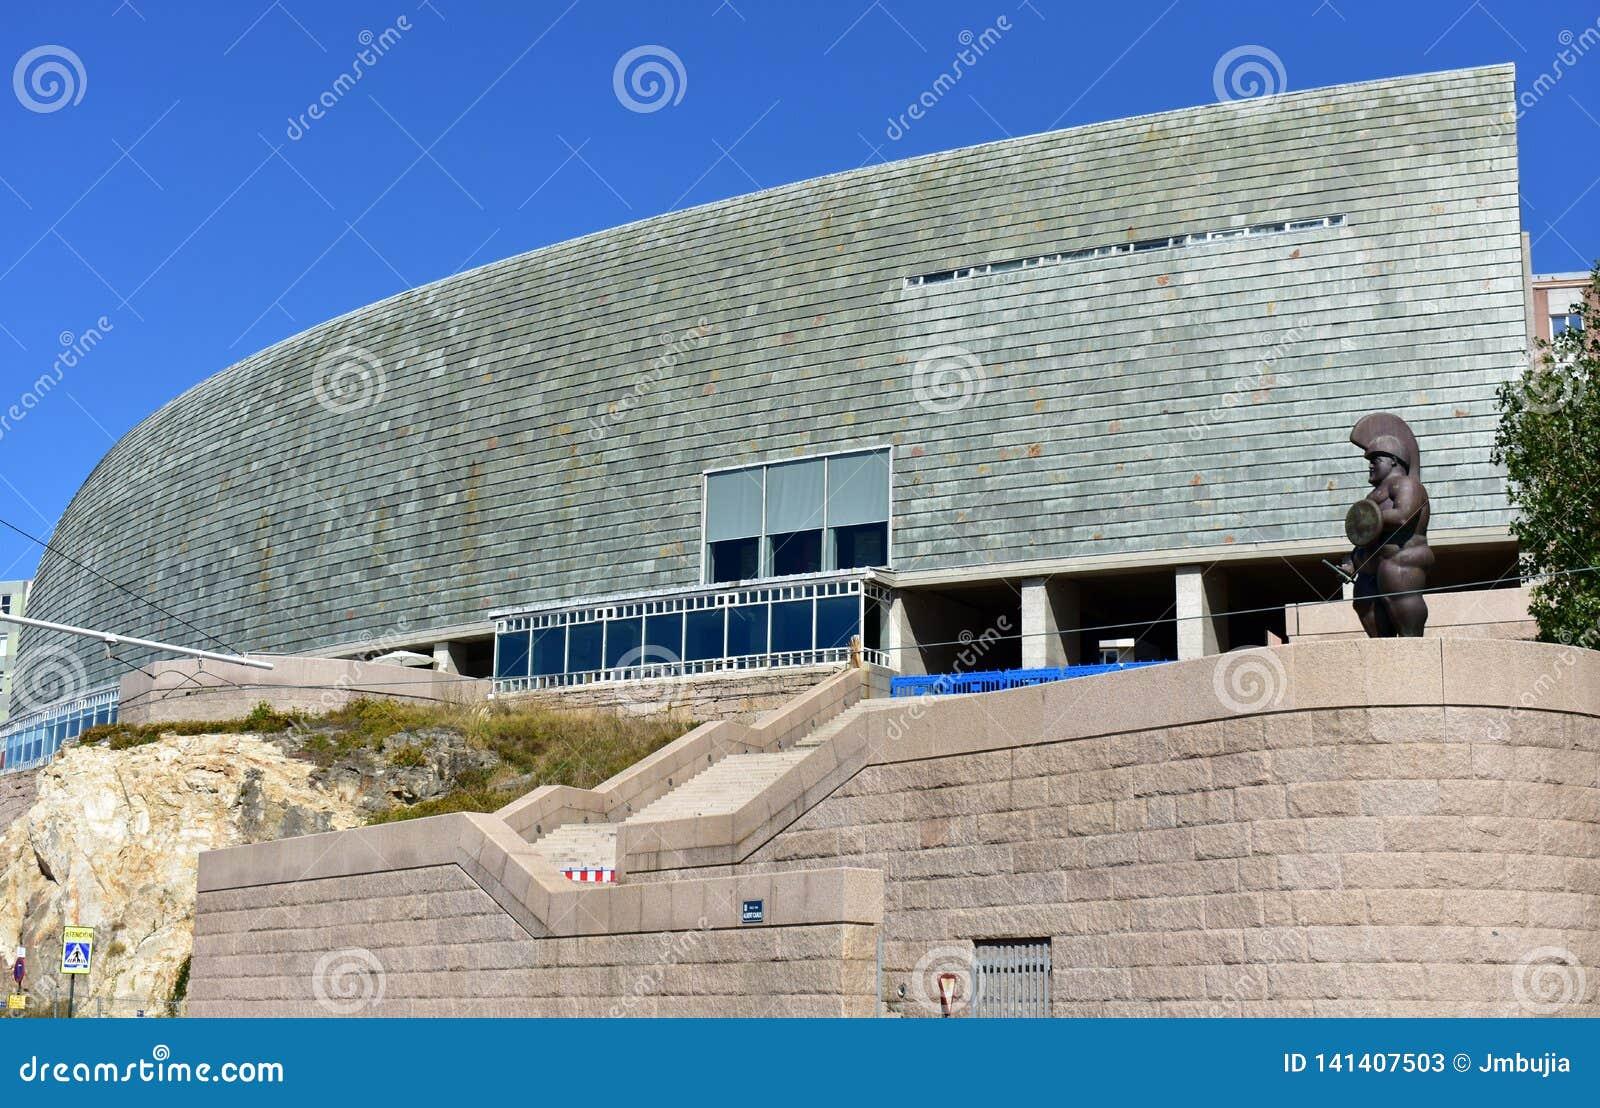 Domus-Museum entworfen von Arata Isozaki, Pritzker-Architektur-Preis 2019 La Coruña, Spanien, am 22. September 2018